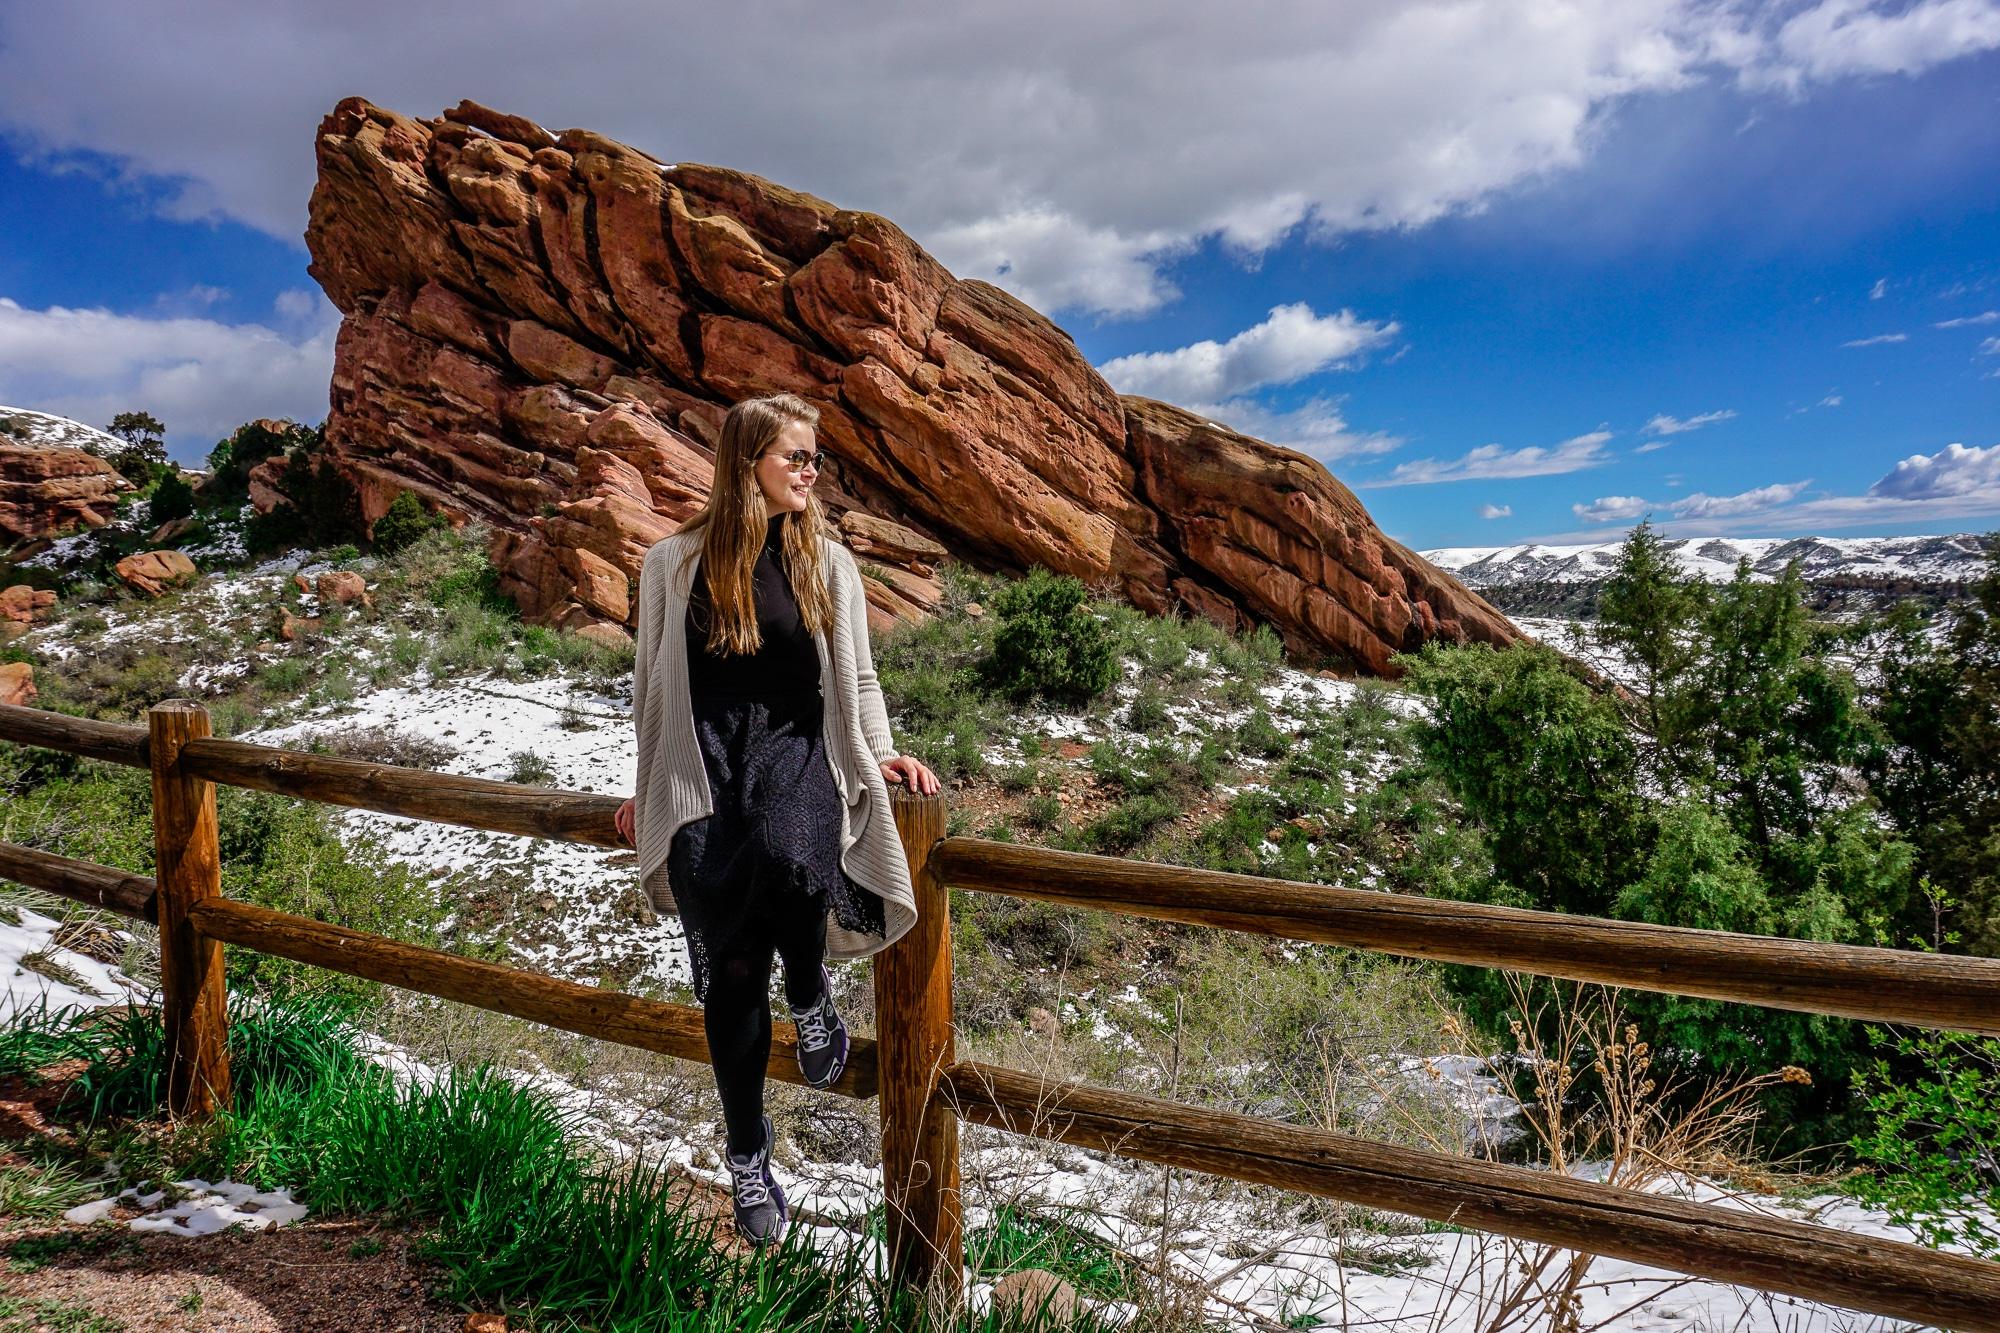 Denver: Sehenswürdigkeiten, Ausflüge & Ausflugsziele rund um Colorado's größte Stadt. Red Rocks Amphitheater, Georgetown Loop Rail, Mount Evans und mehr.